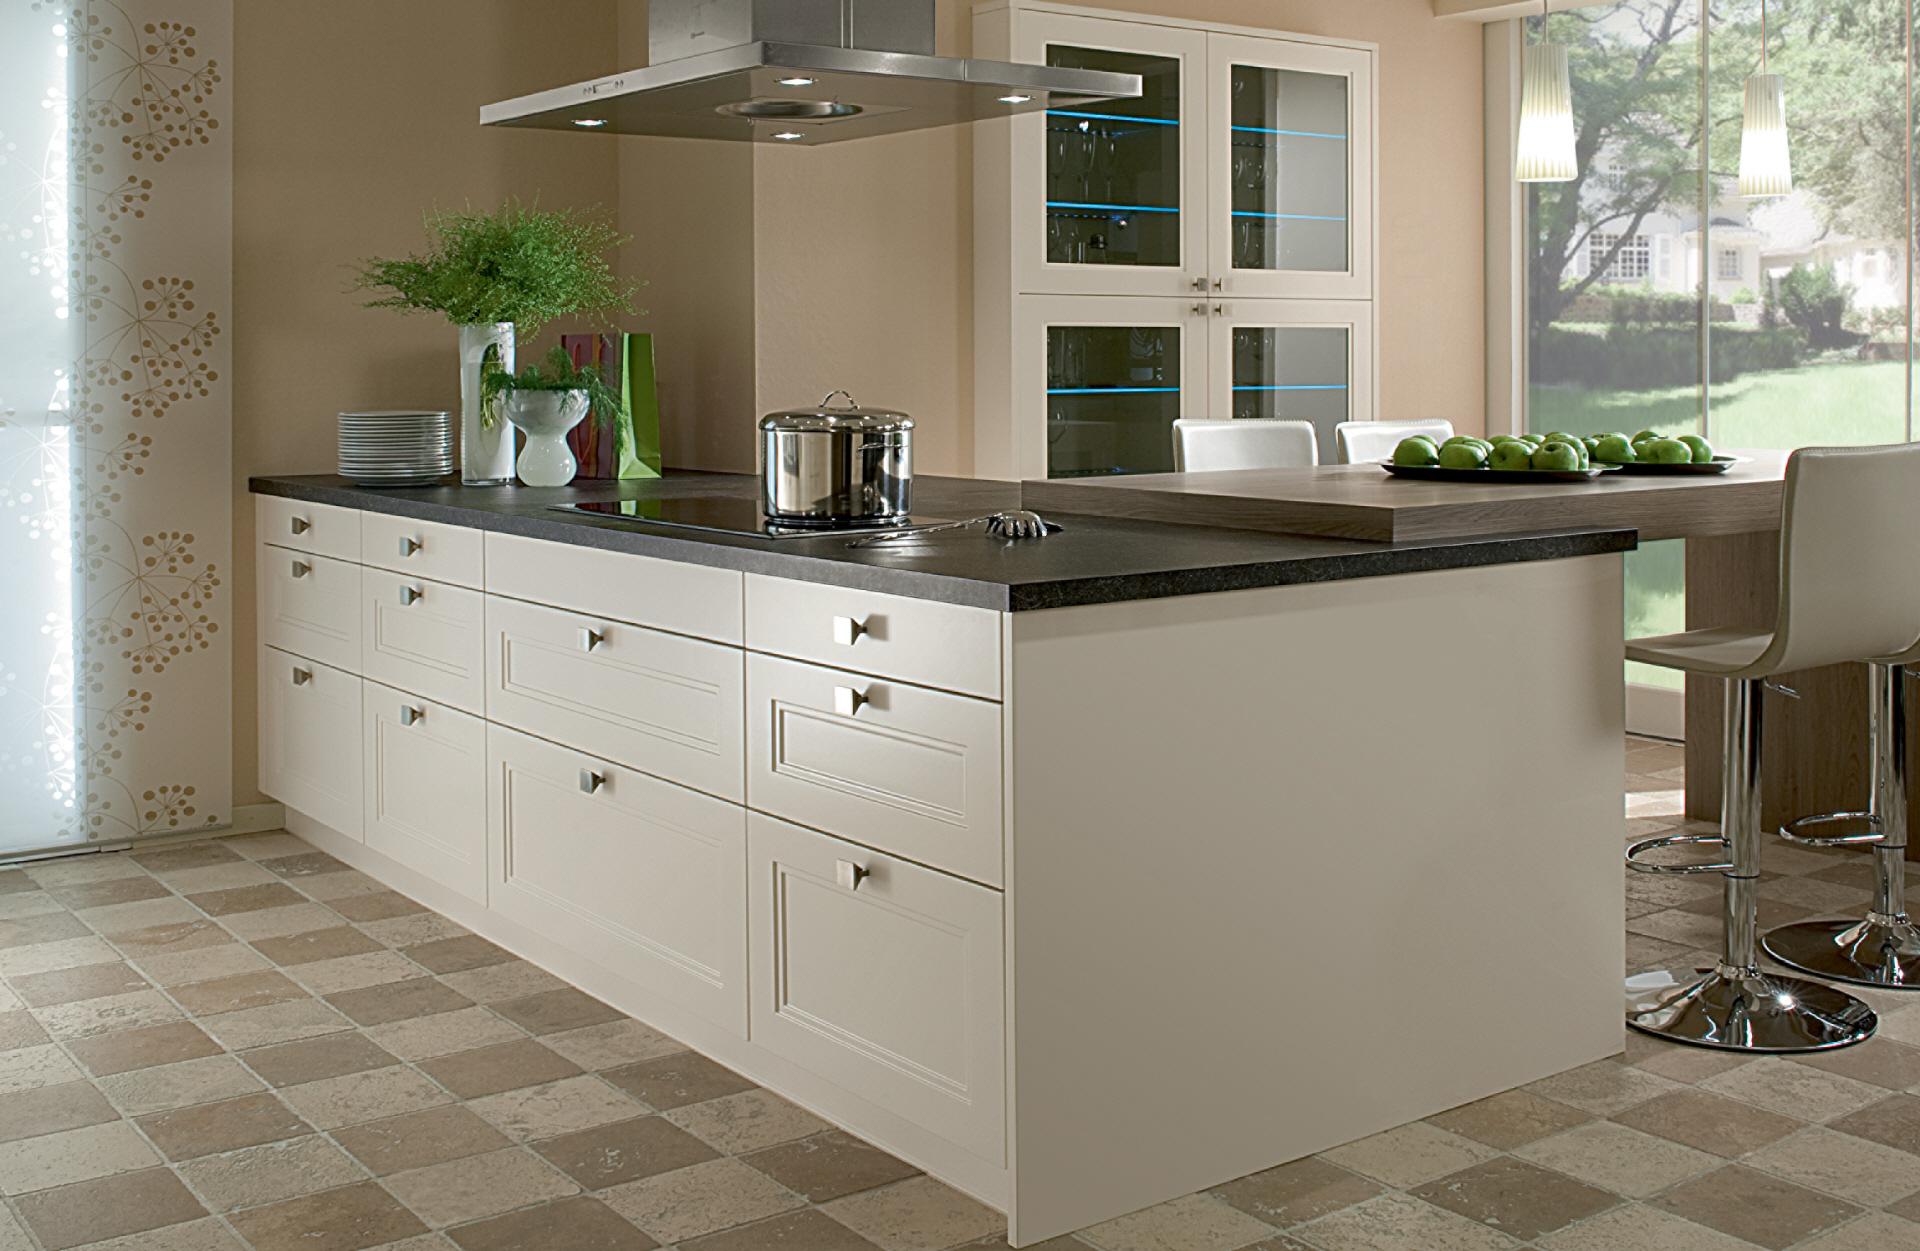 Praktische Küchen Für Das Kleine Budget Päsentiert Vom Küchenprofi  Küchenherbert Aus Storkow. »